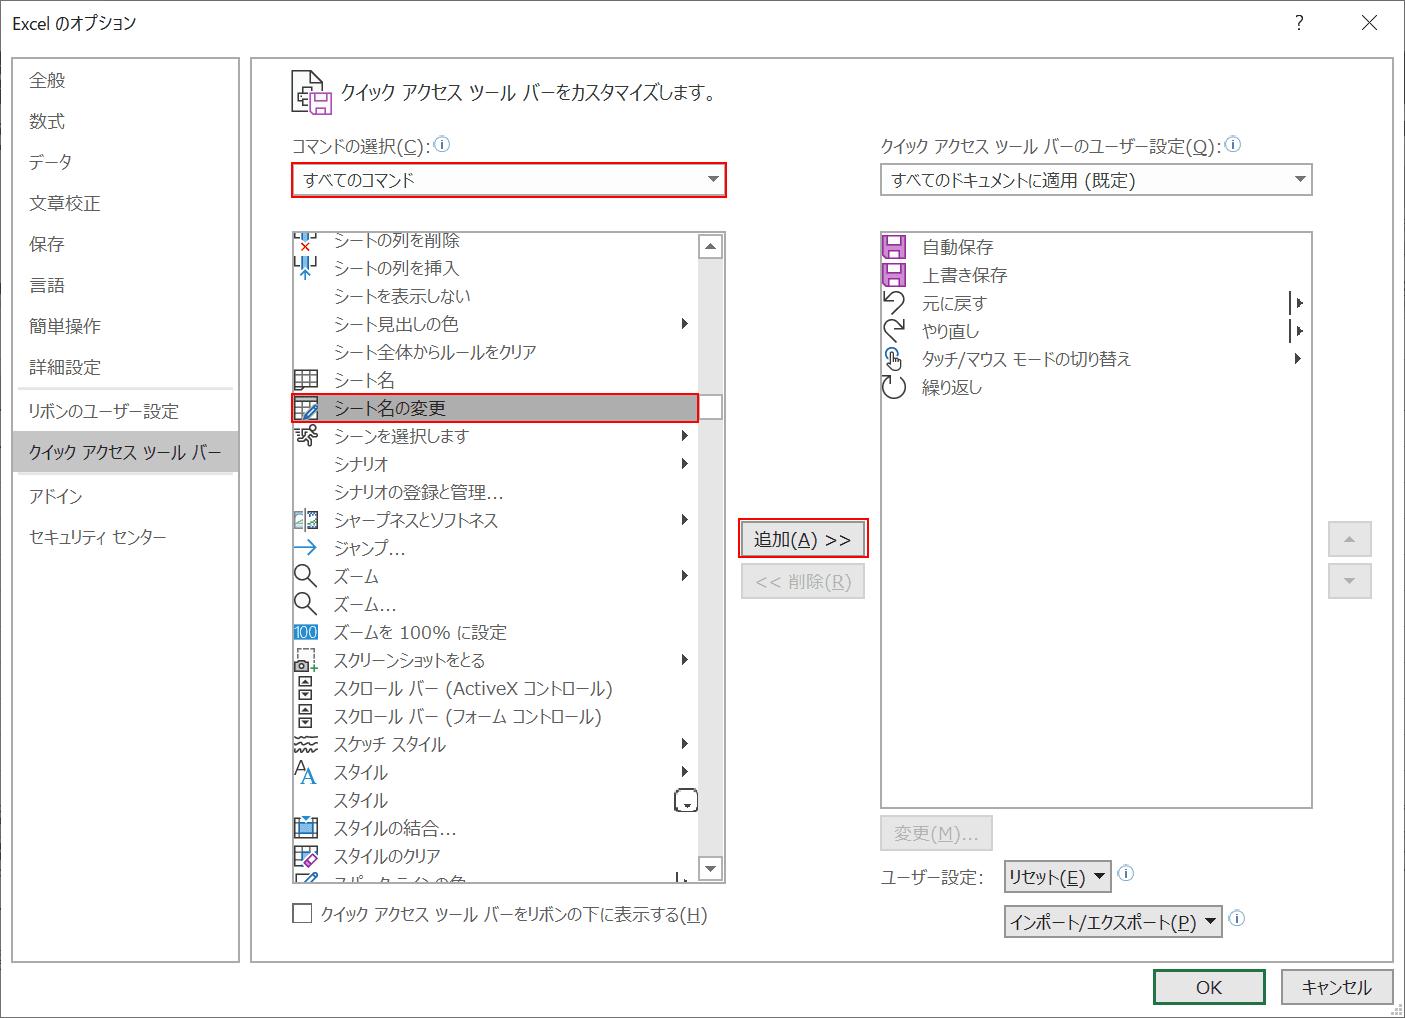 シート名変更を追加